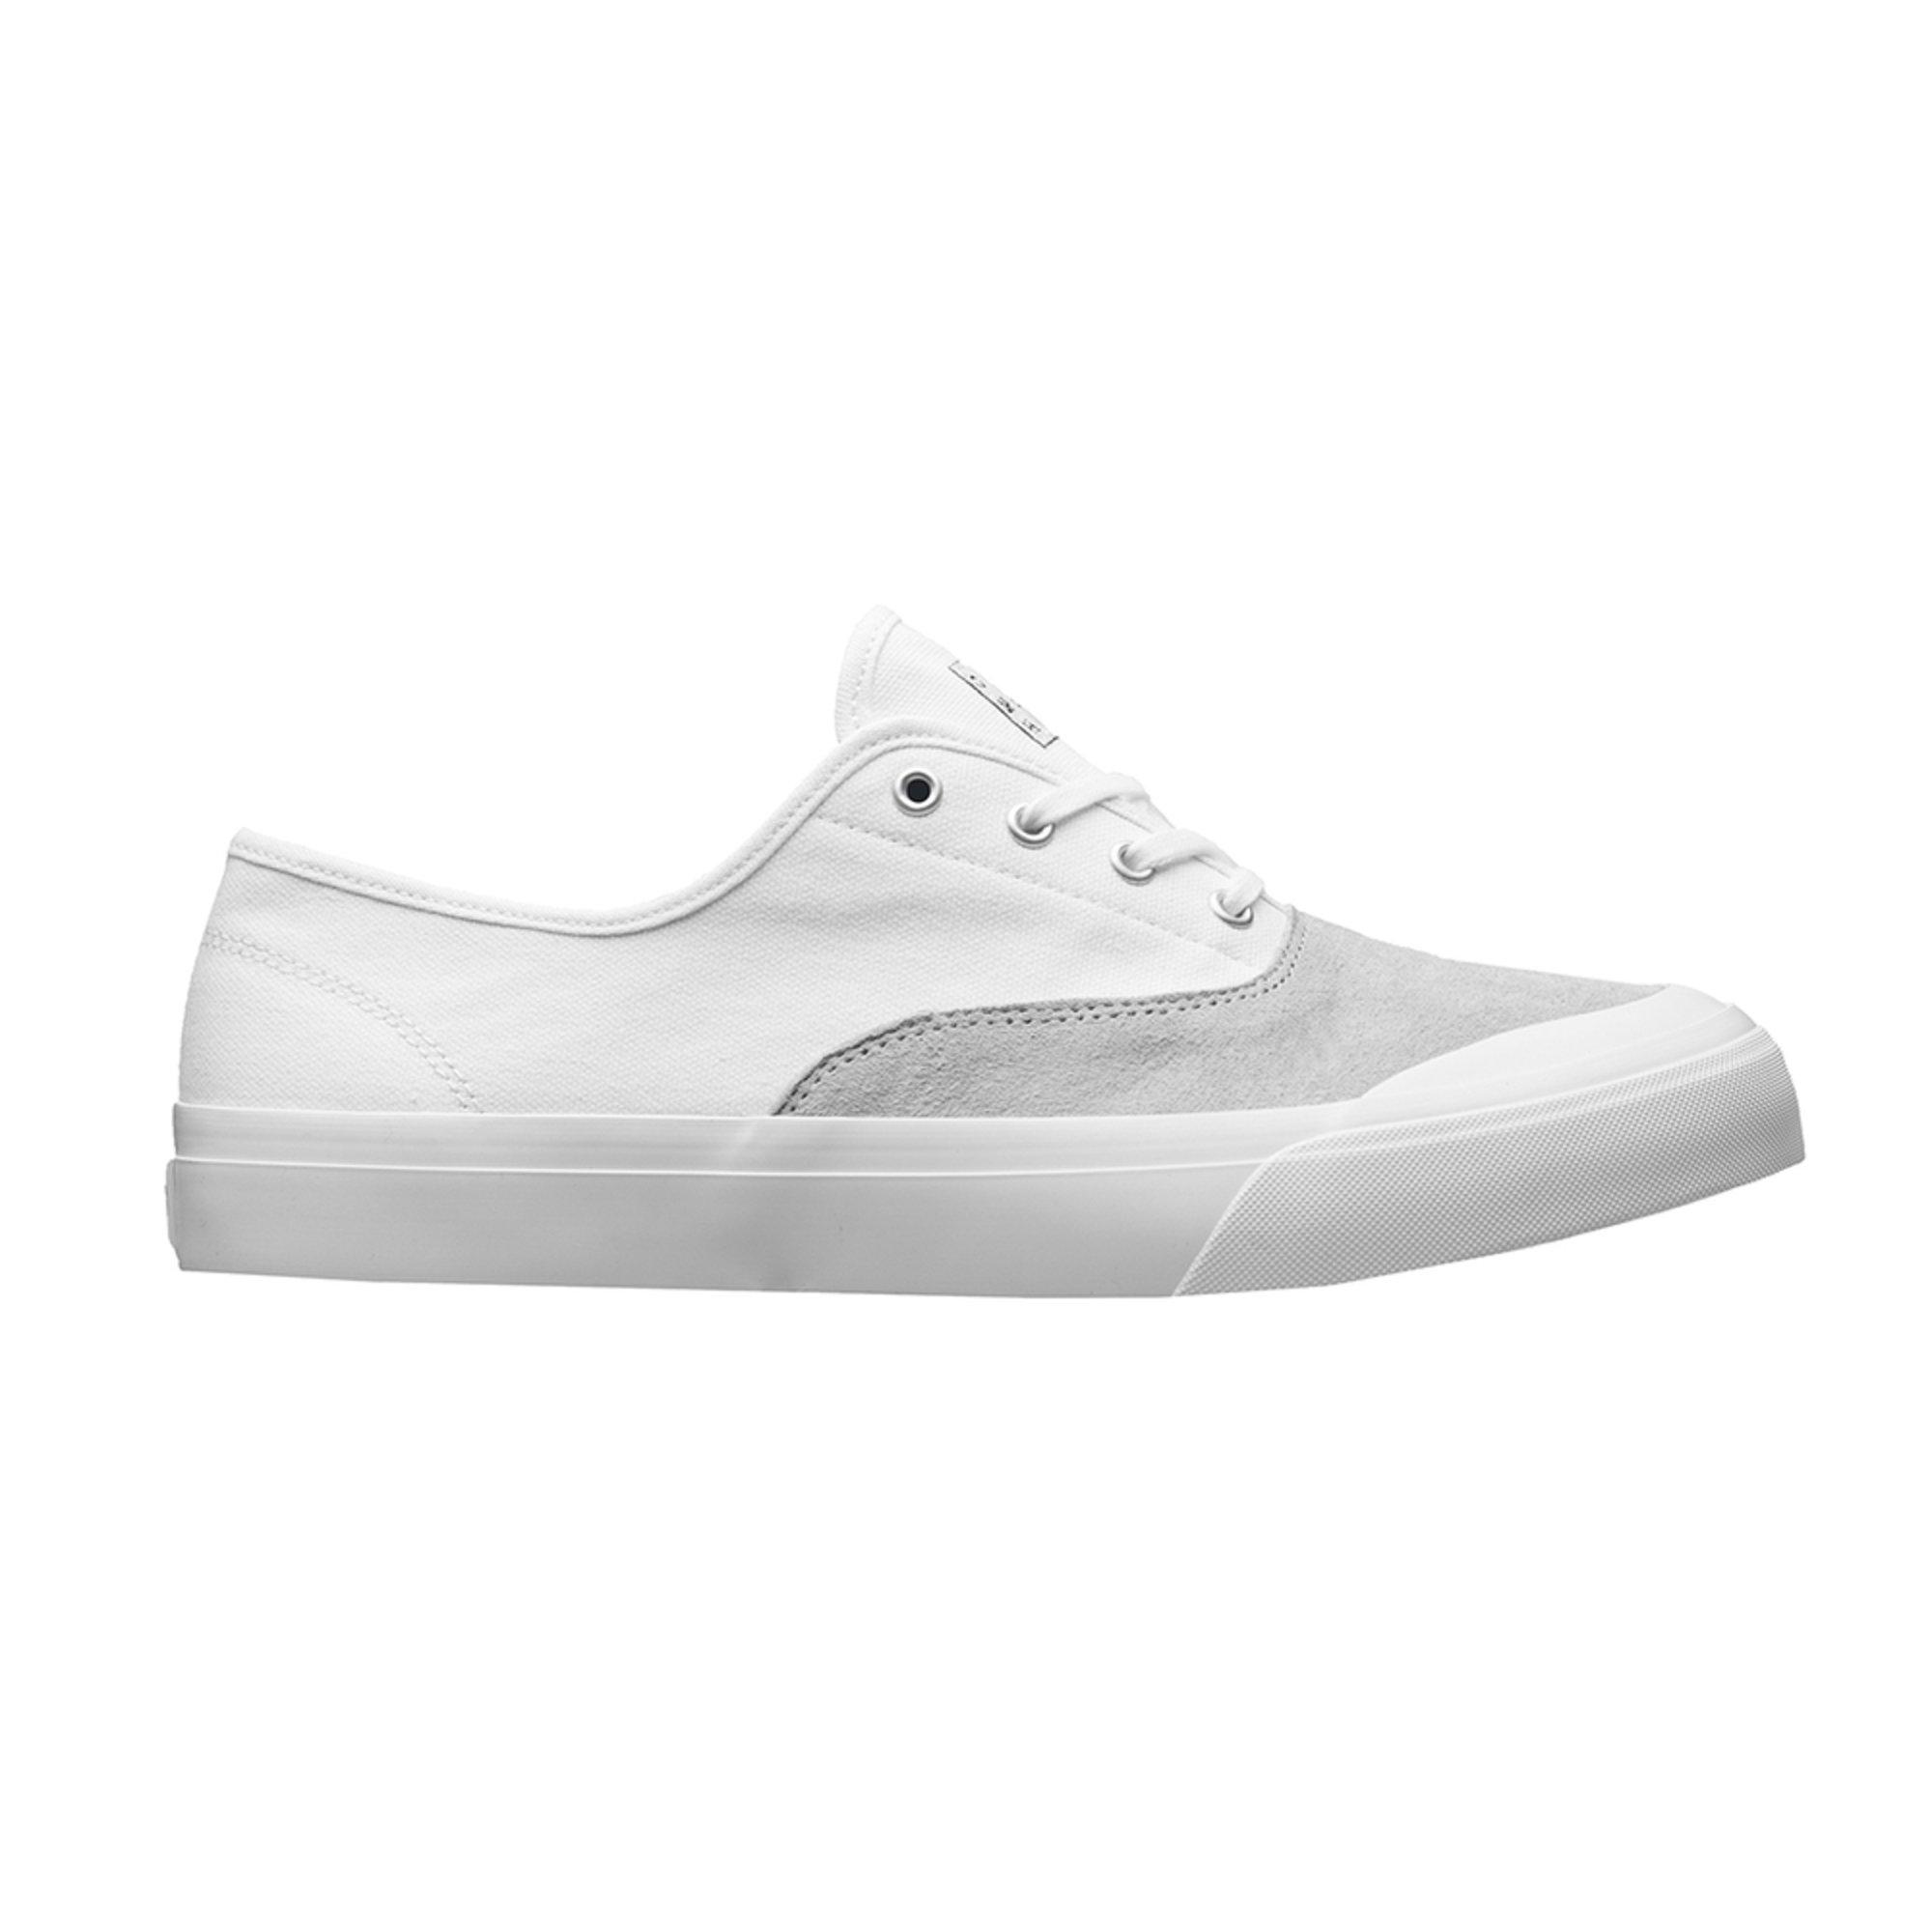 Huf. Huf Cromer Men's Skate Shoe White/ ...